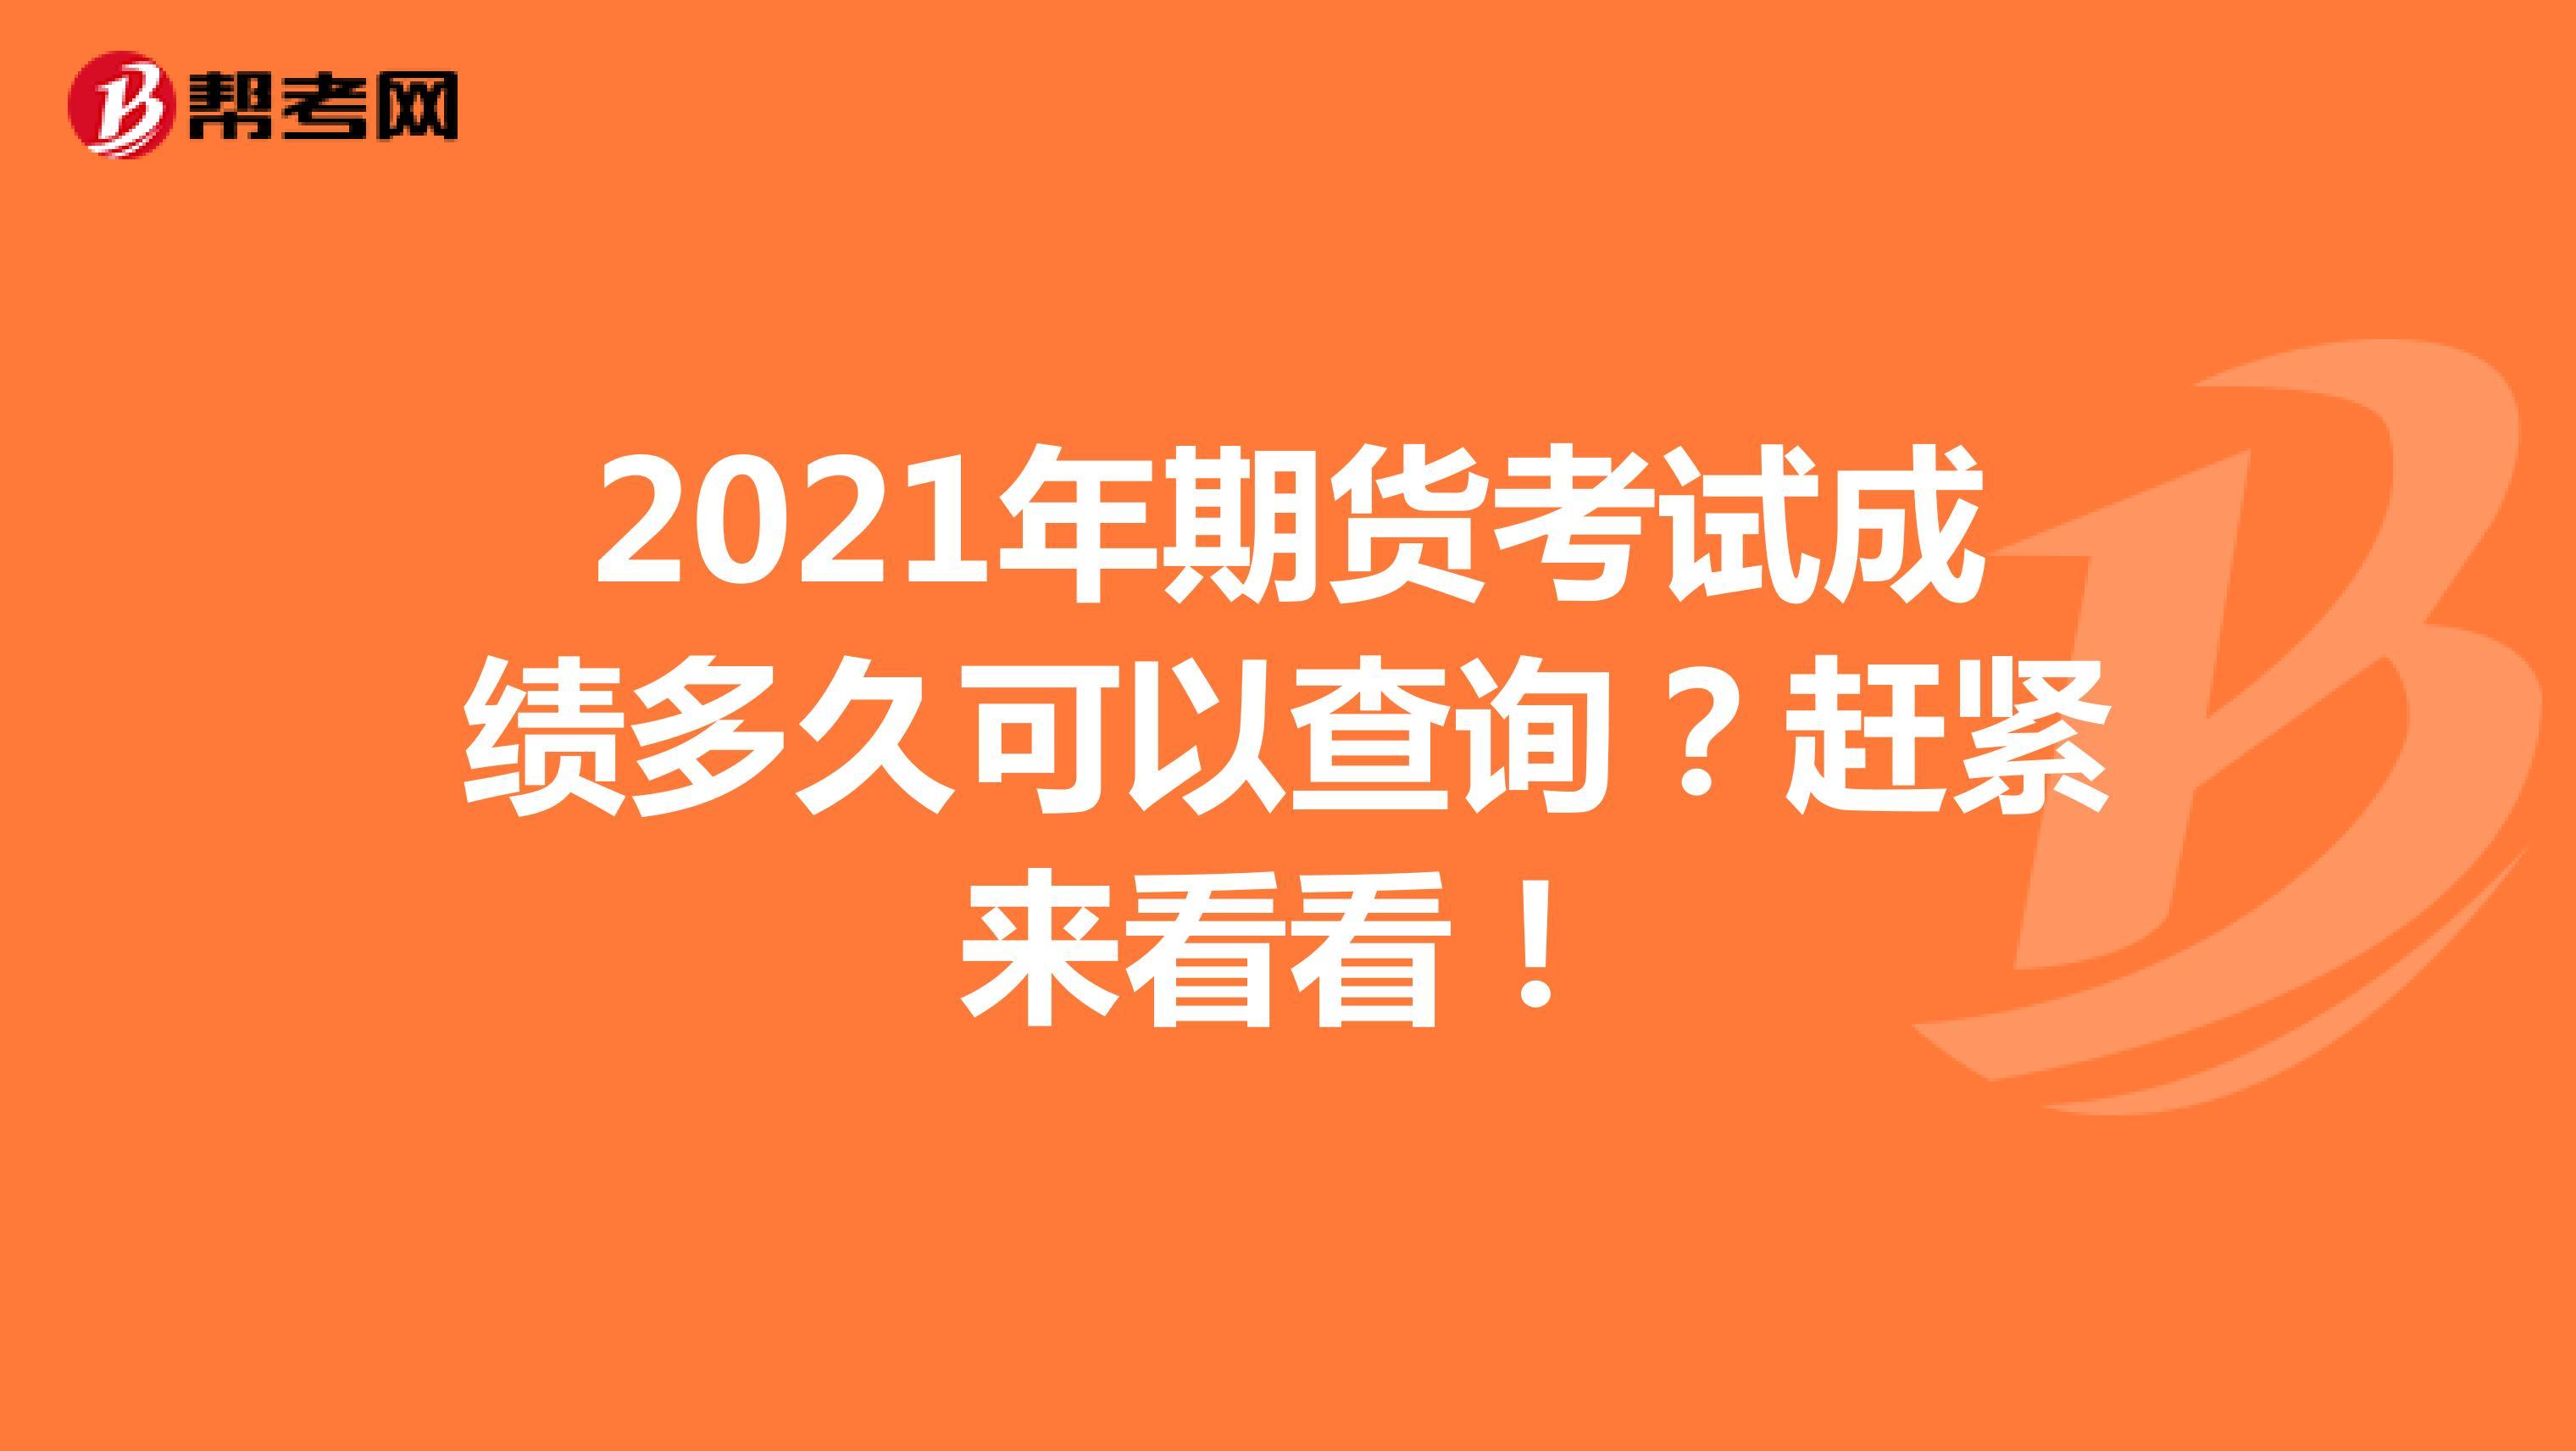 2021年期貨考試成績多久可以查詢?趕緊來看看!